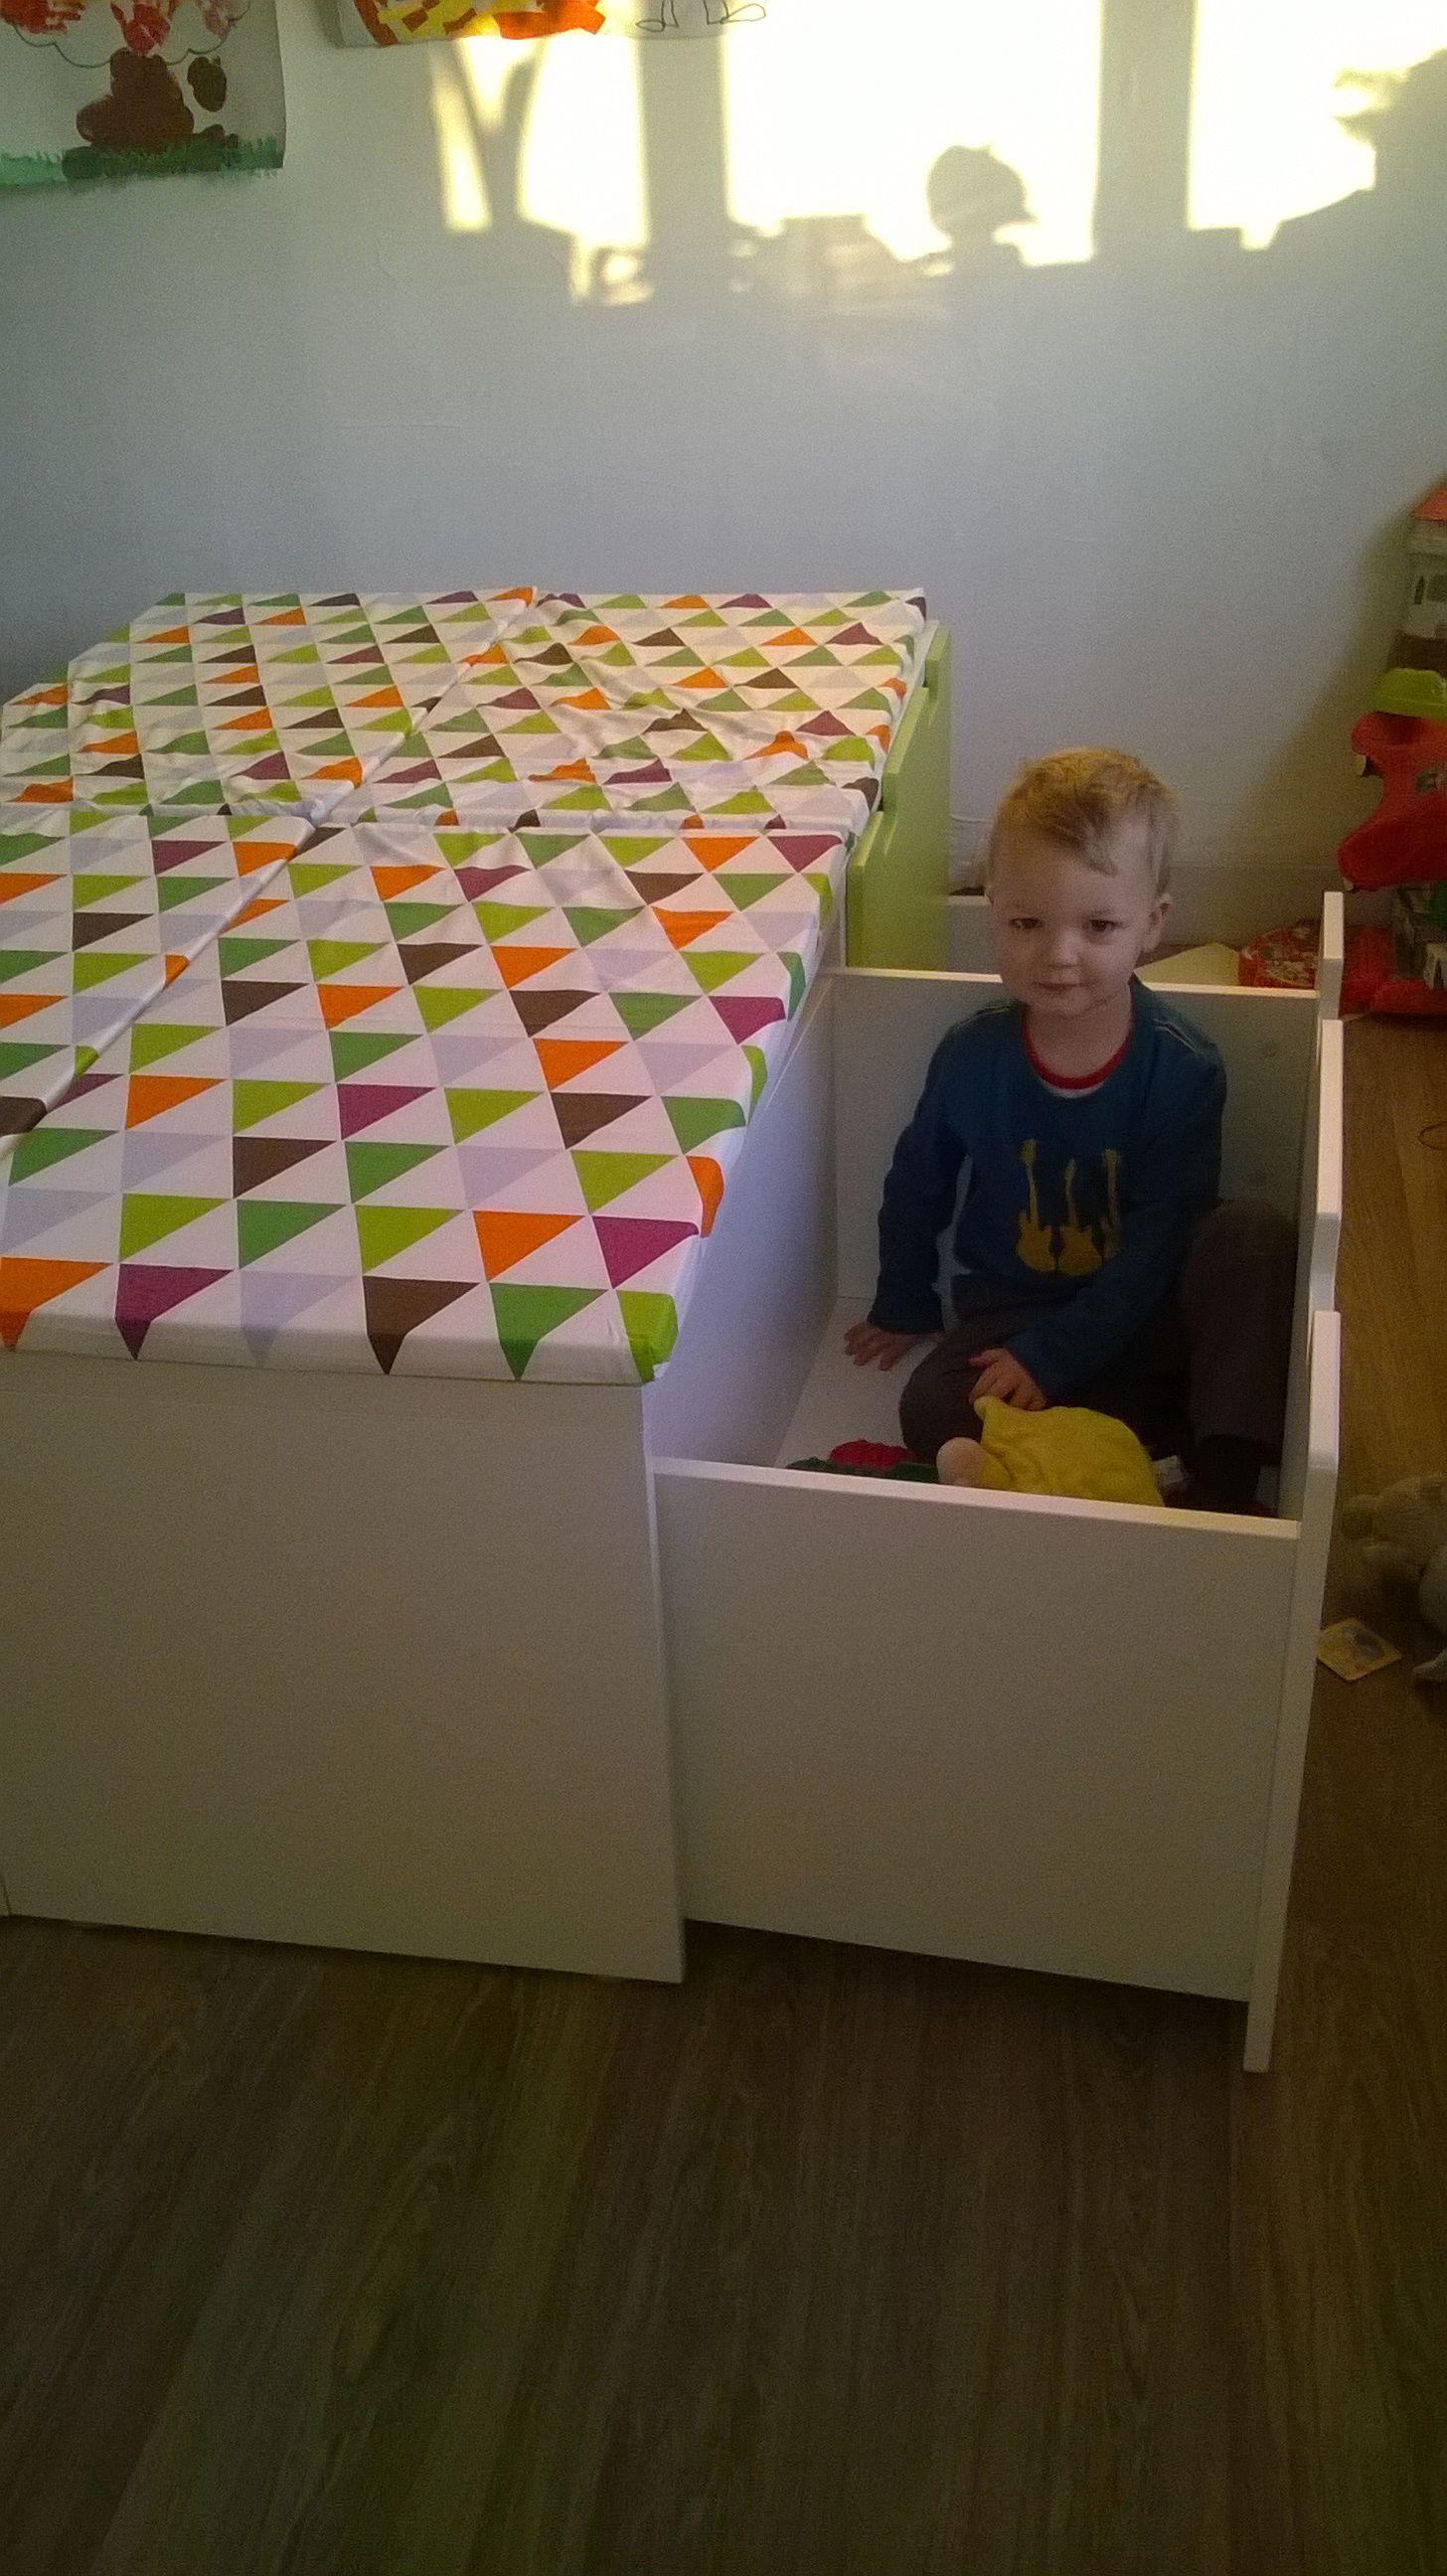 32 Highly Creative And Cool Floor Designs For Your Home: Speelgoed Opbergen/speelhoek/lounge Hoekje Voor De Kindjes